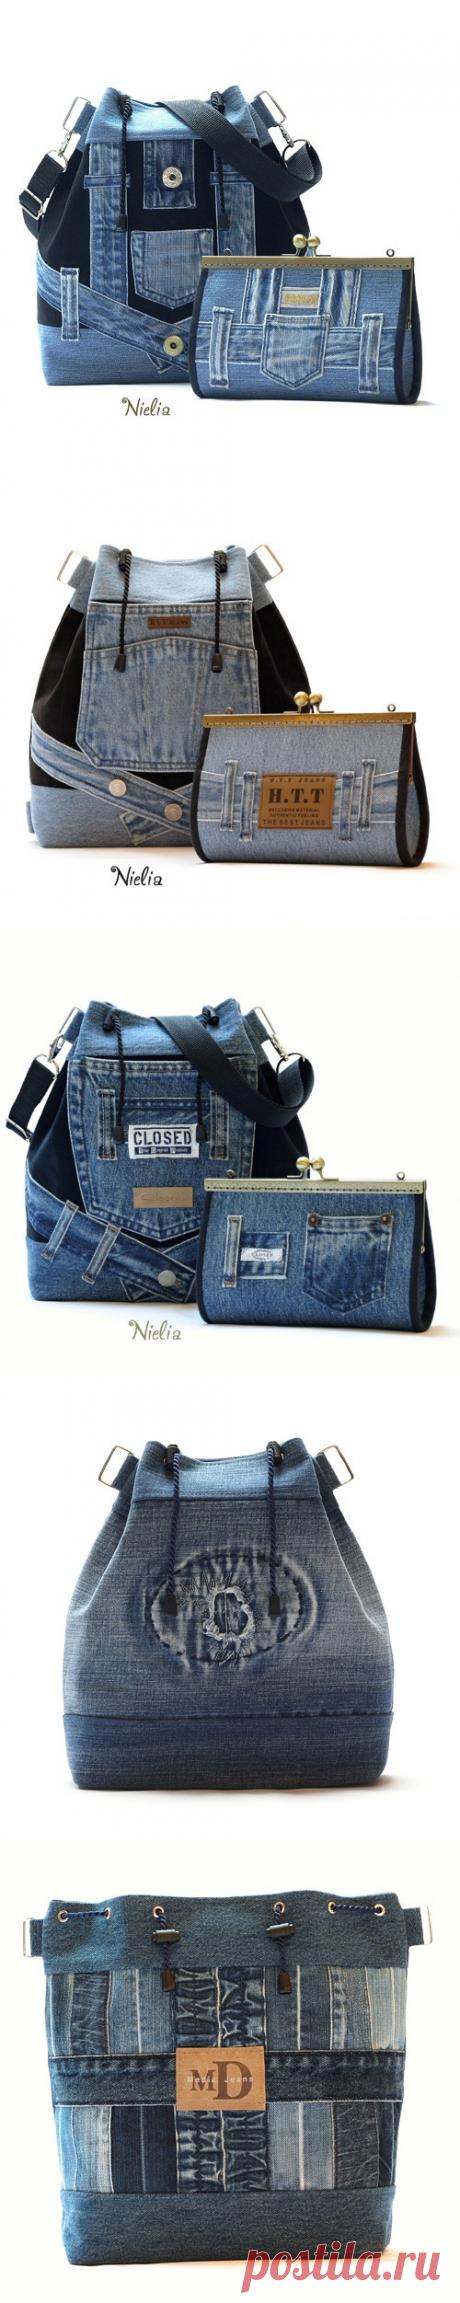 21636aaf815c Nielia - сумки из джинсов (часть4) / Переделка джинсов / ВТОРАЯ УЛИЦА